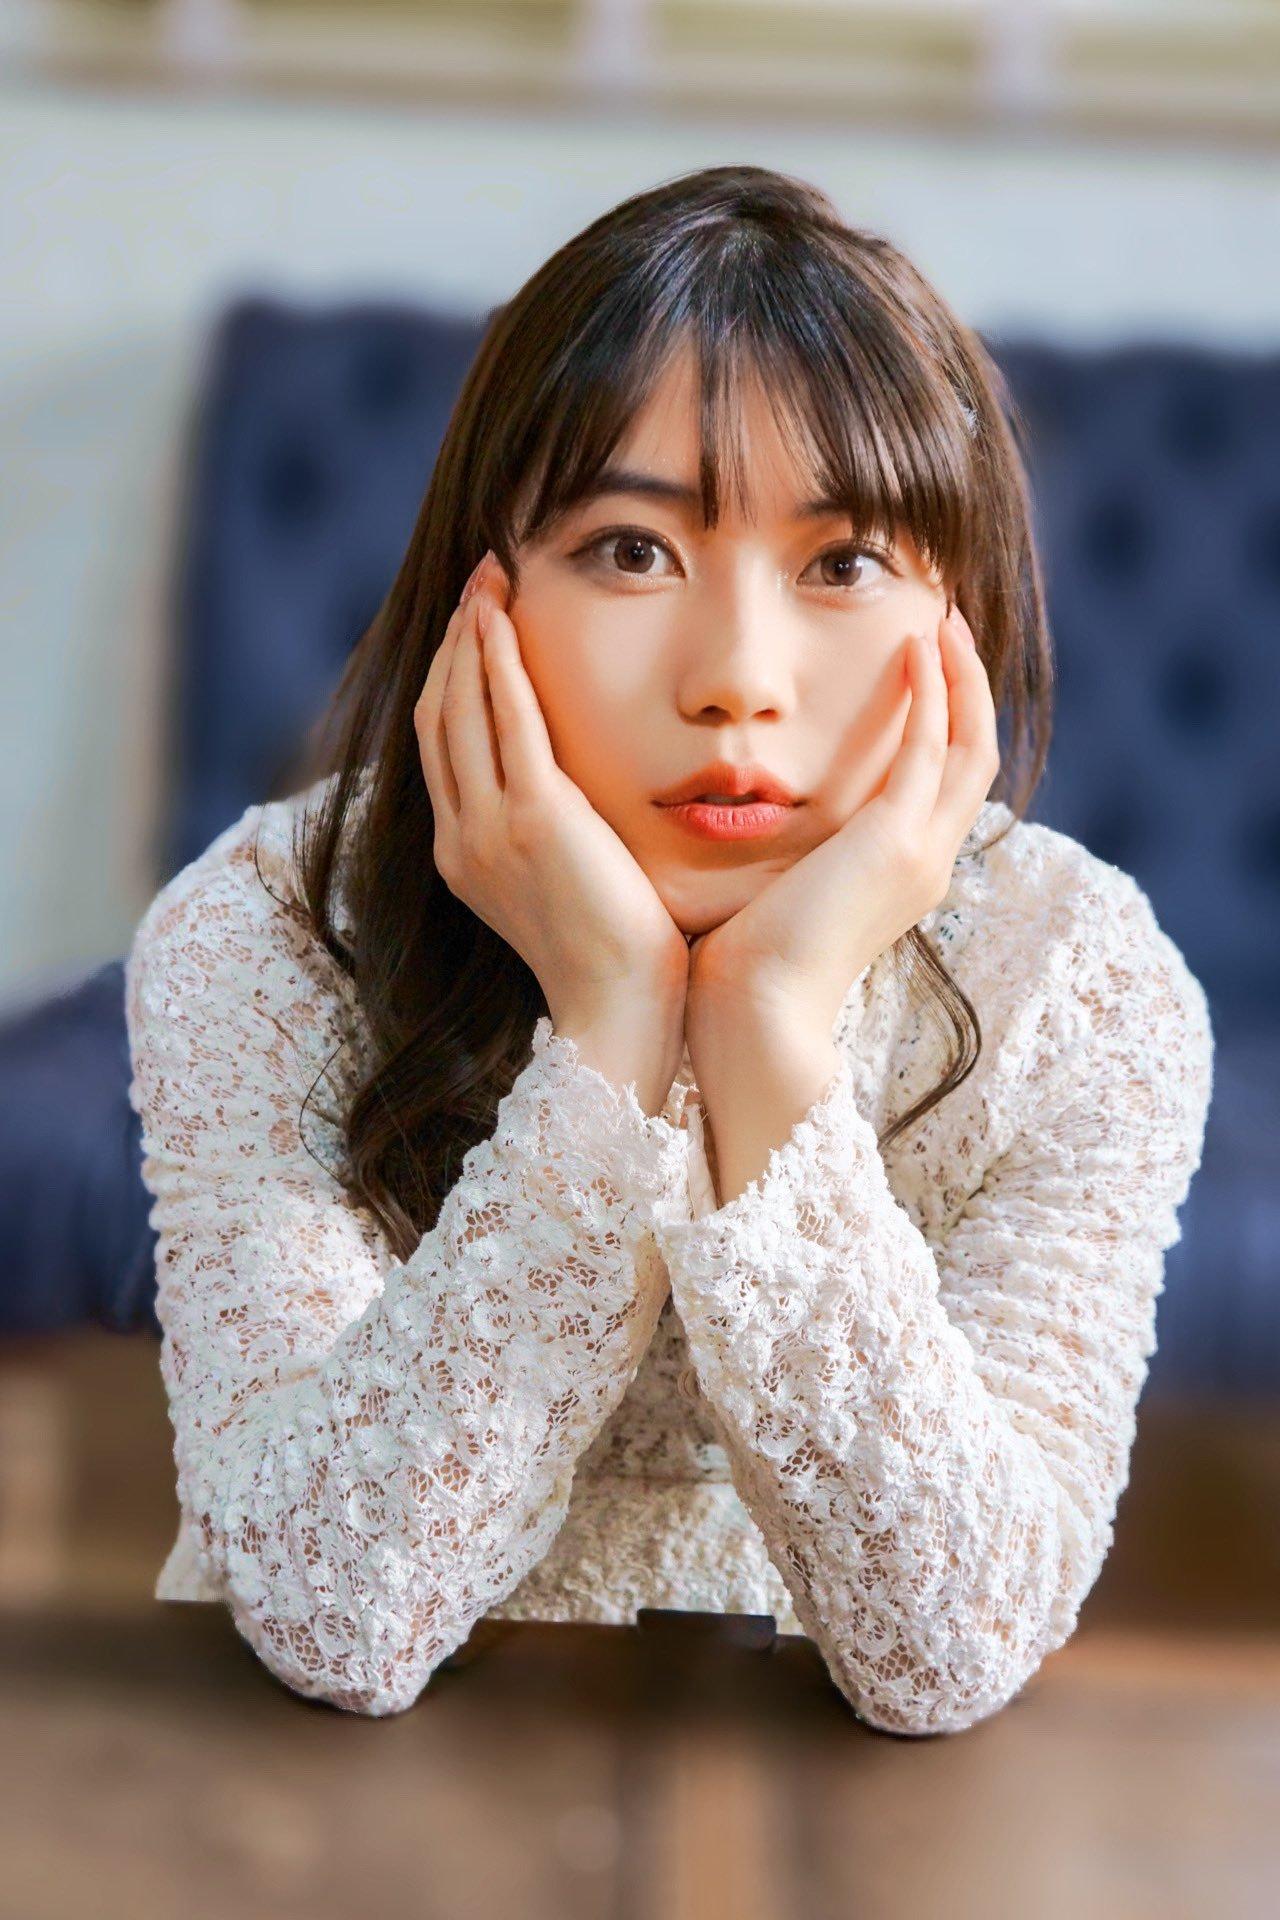 建筑系写真妹「伊织いお」,超狂饱满抢镜,难怪是写真超新星啊!